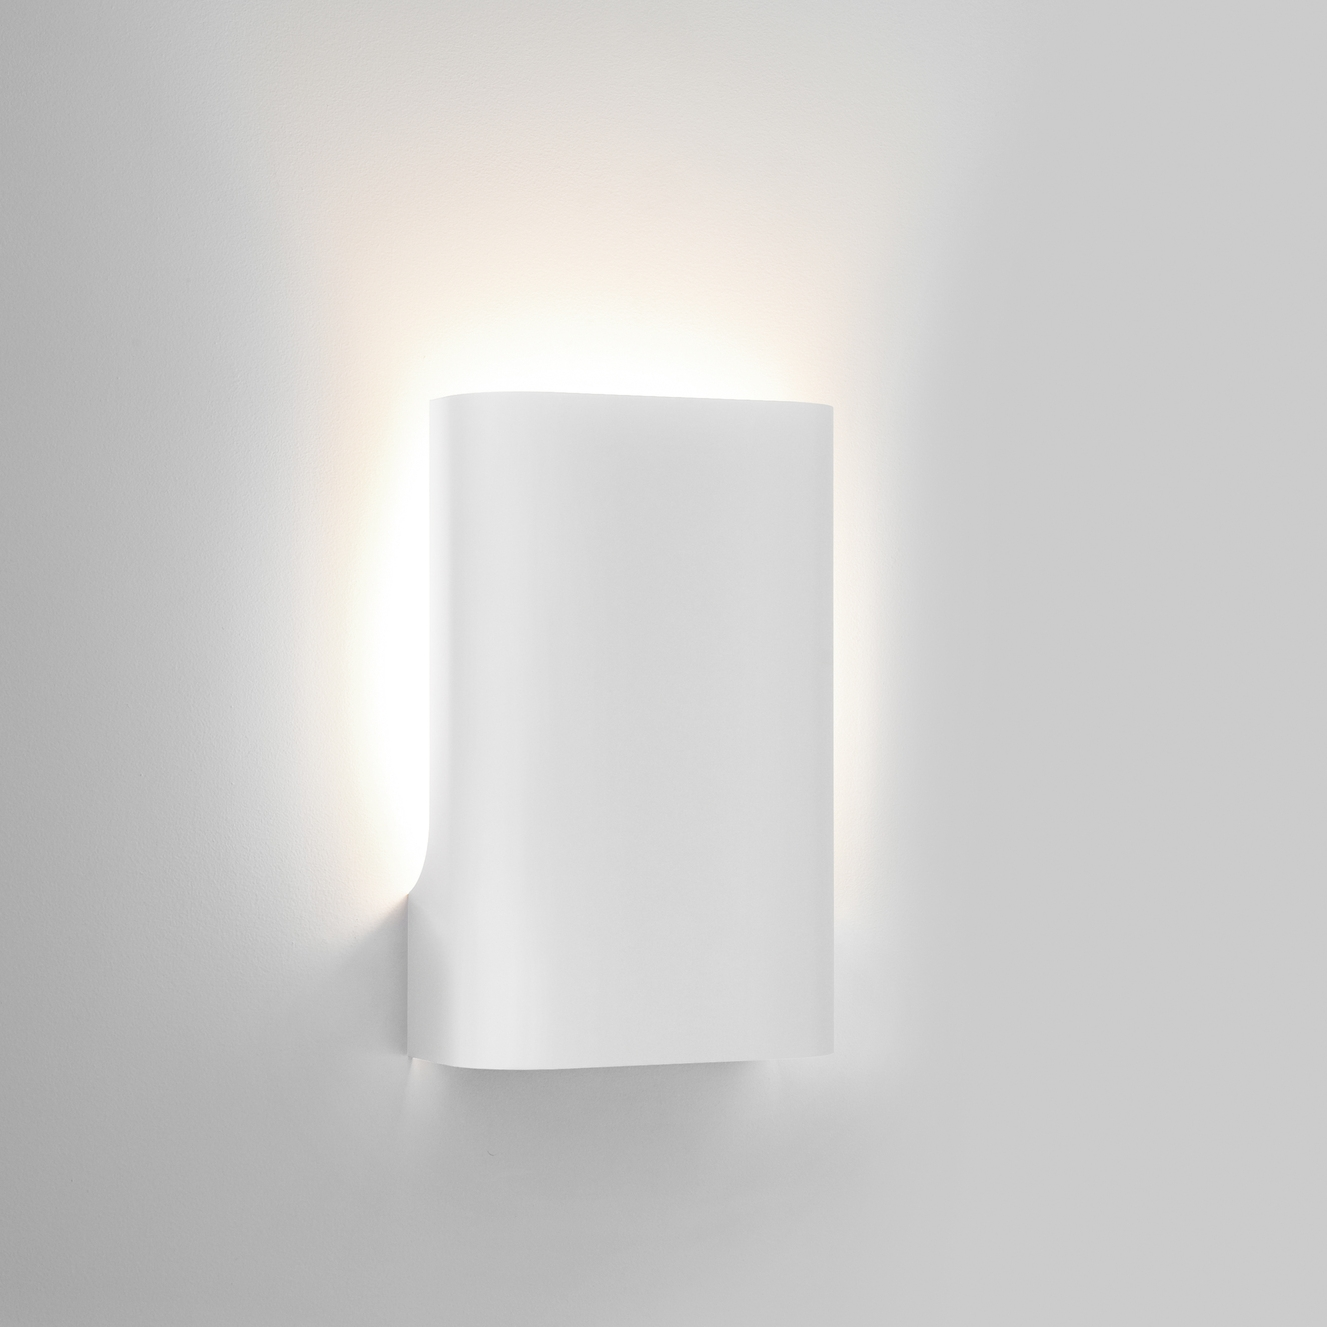 ISM_I+Do_Wall+Up_Large_Flat+White.jpg